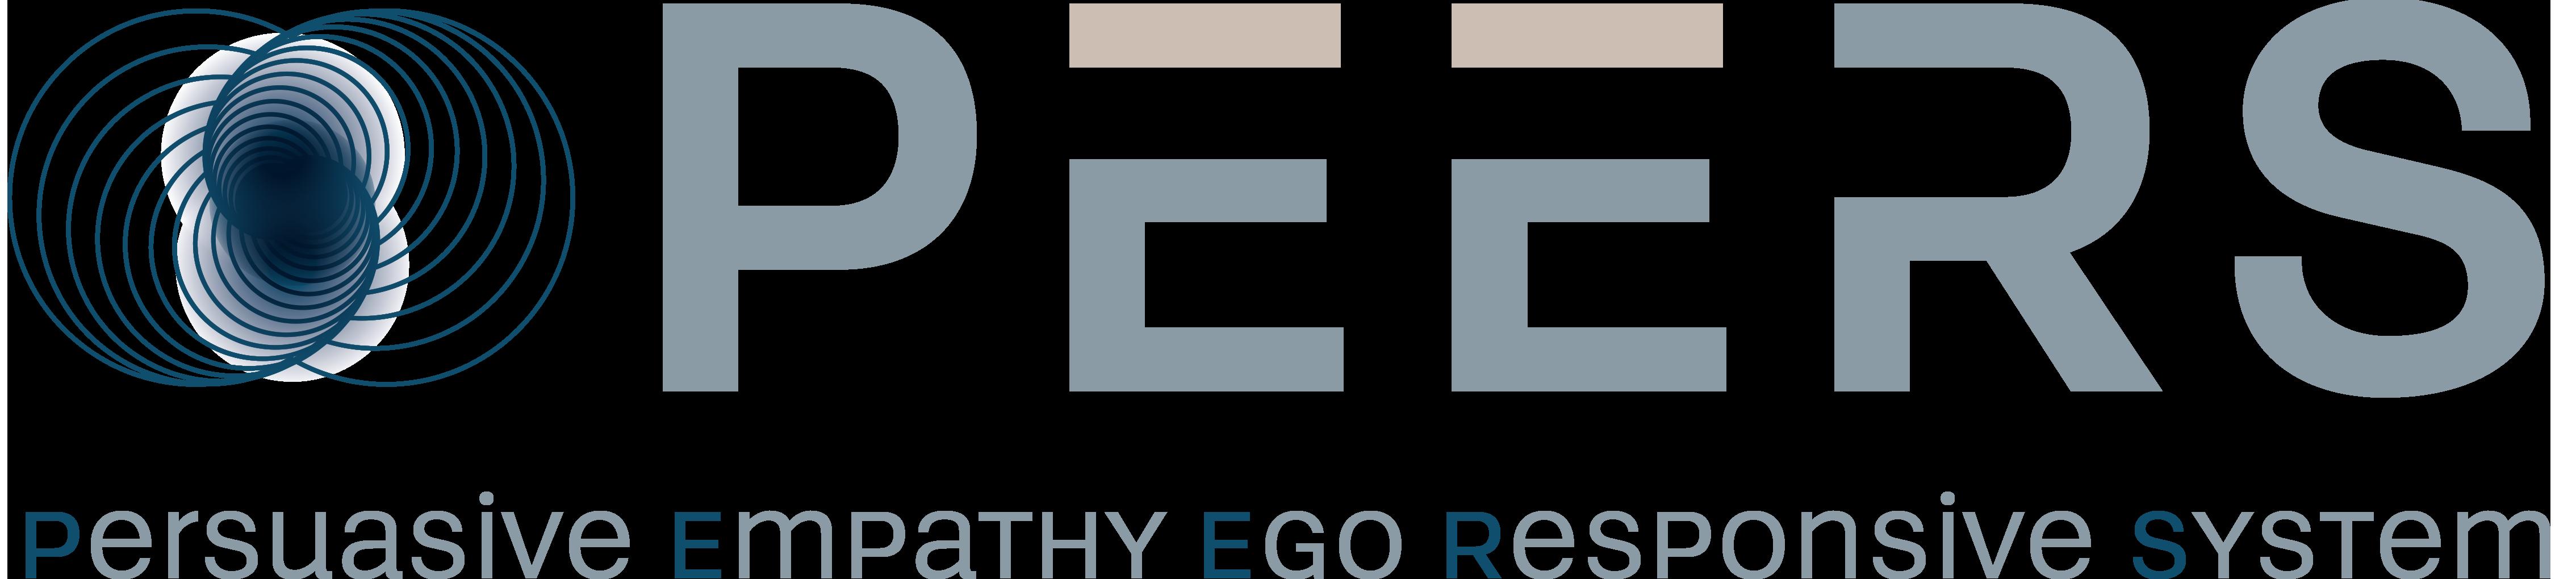 Modello PEERS | Agenzia di Comunicazione EGO NewCom